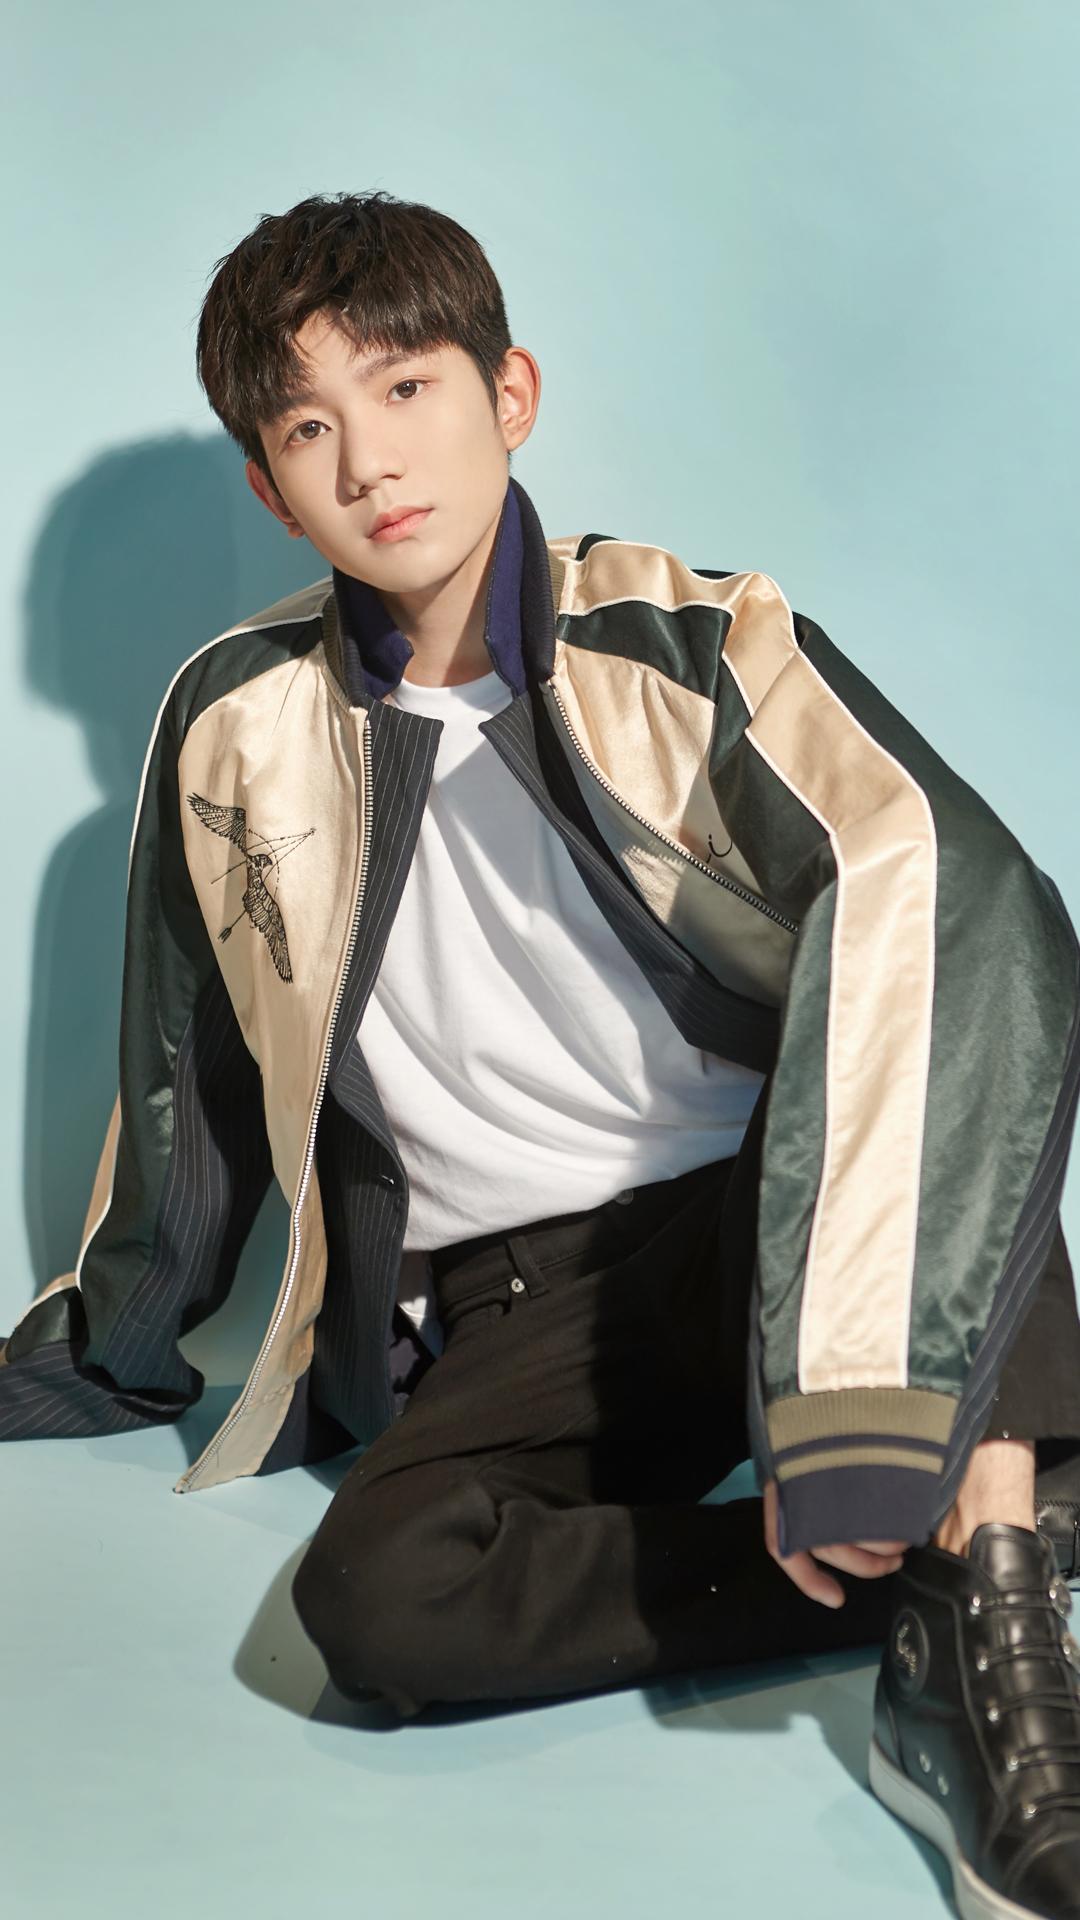 王源巴黎时装周香槟金外套帅气阳光男孩时尚写真图片